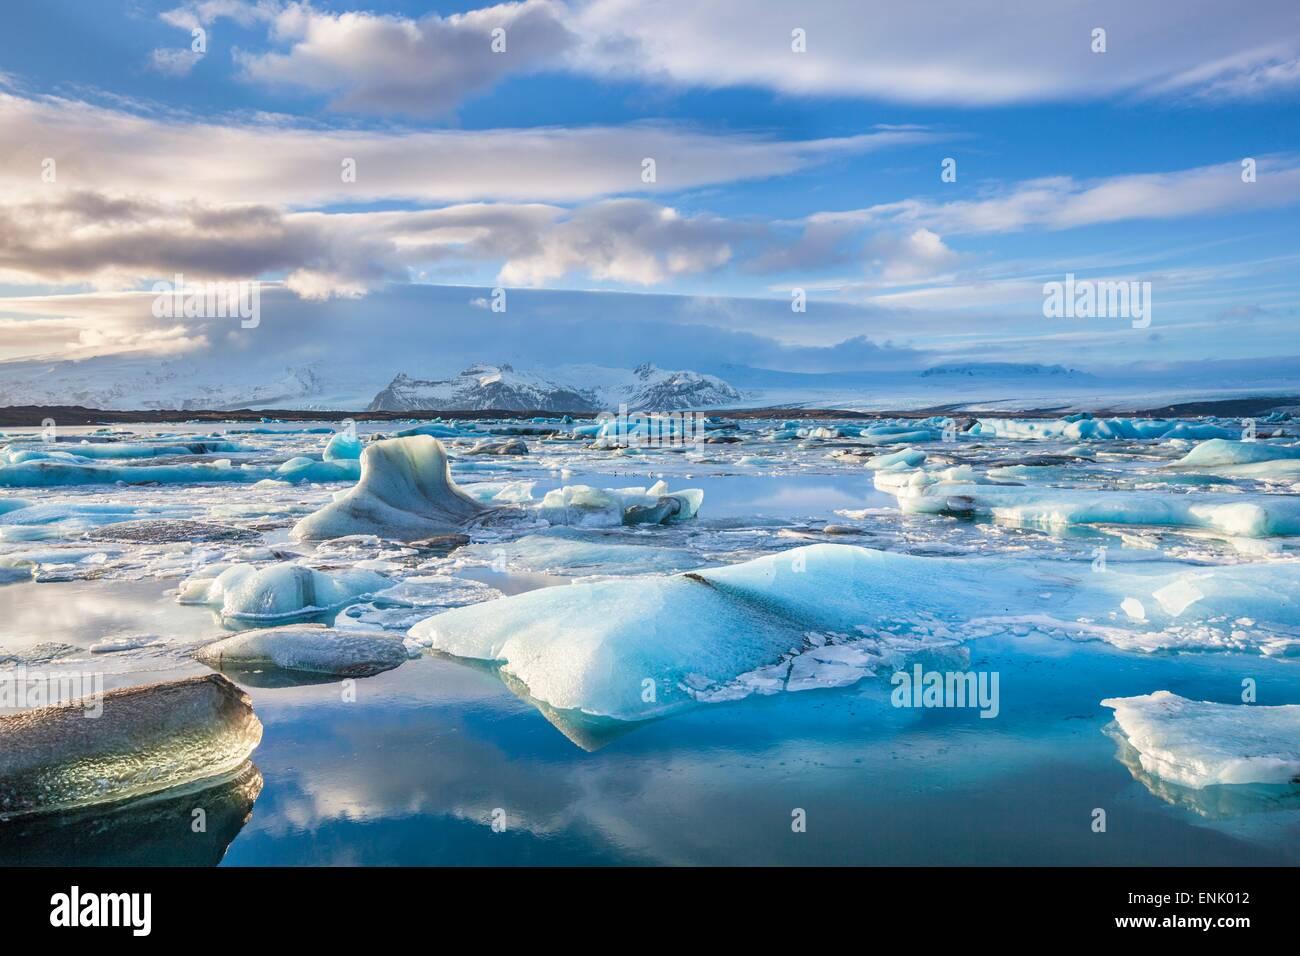 Mountains behind icebergs locked in the frozen water of Jokulsarlon Lagoon, Jokulsarlon, southeast Iceland, Iceland - Stock Image